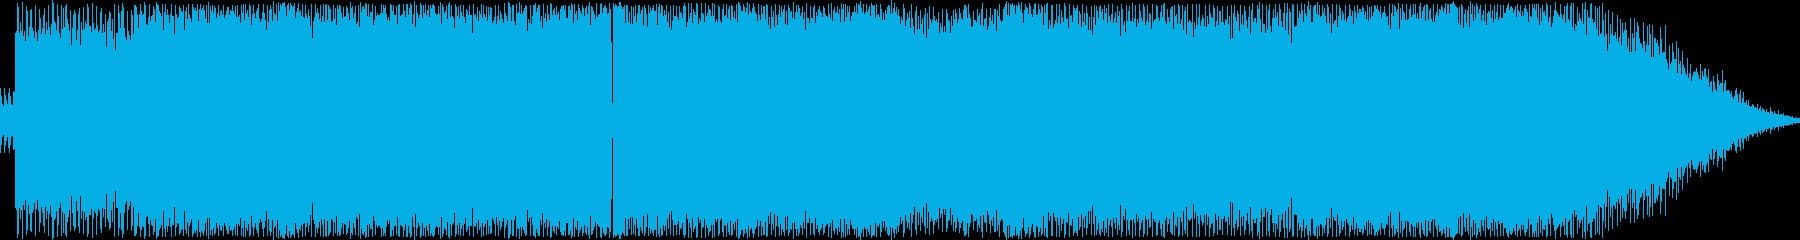 疾走感が心地よい懐かしいHRサウンドの再生済みの波形